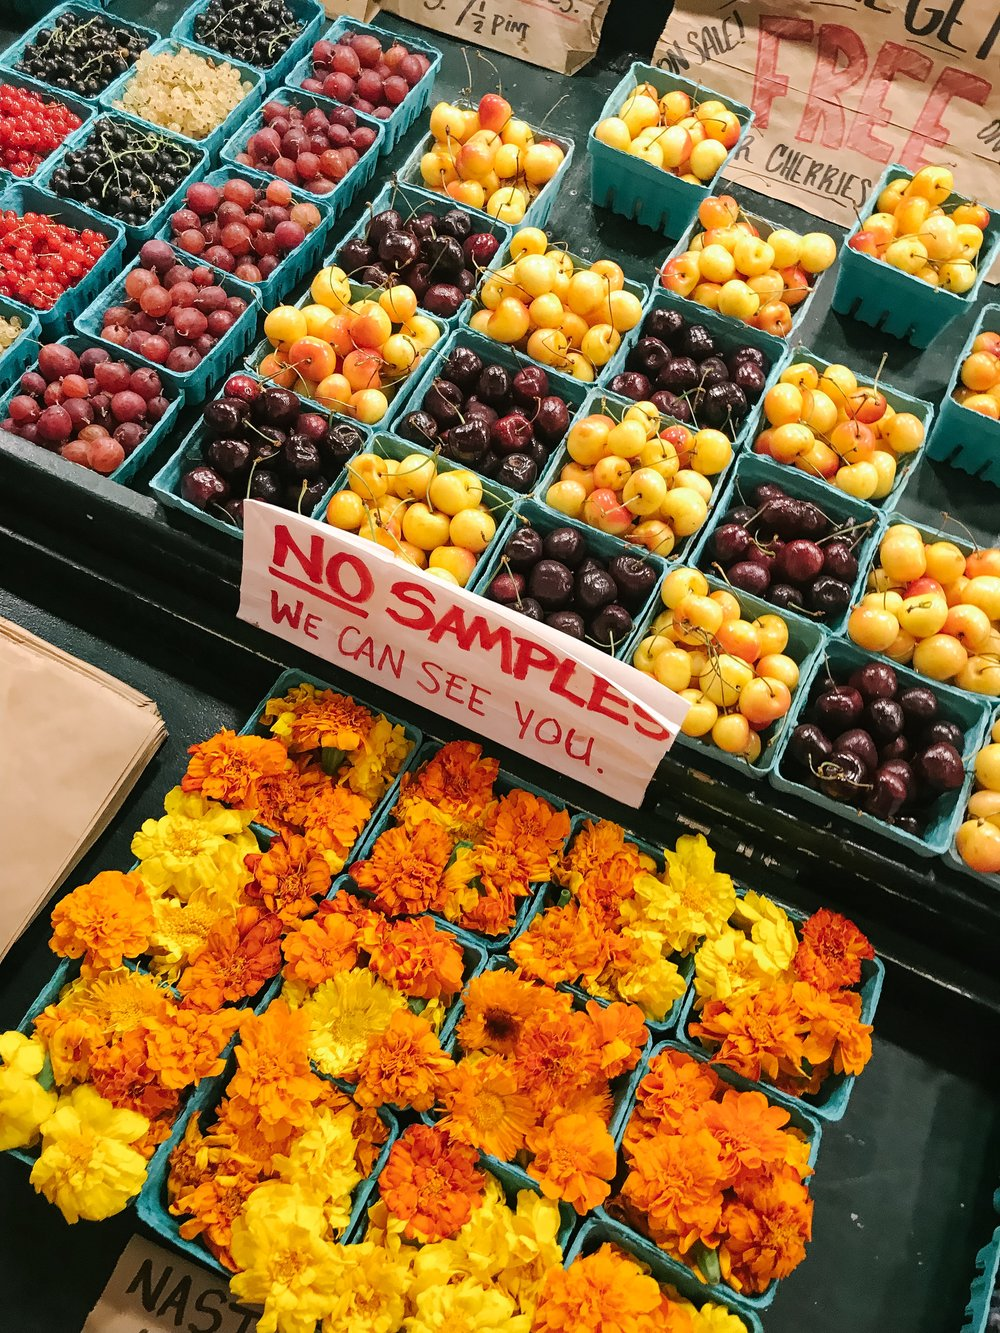 fresh produce PNW farmers markets seattle